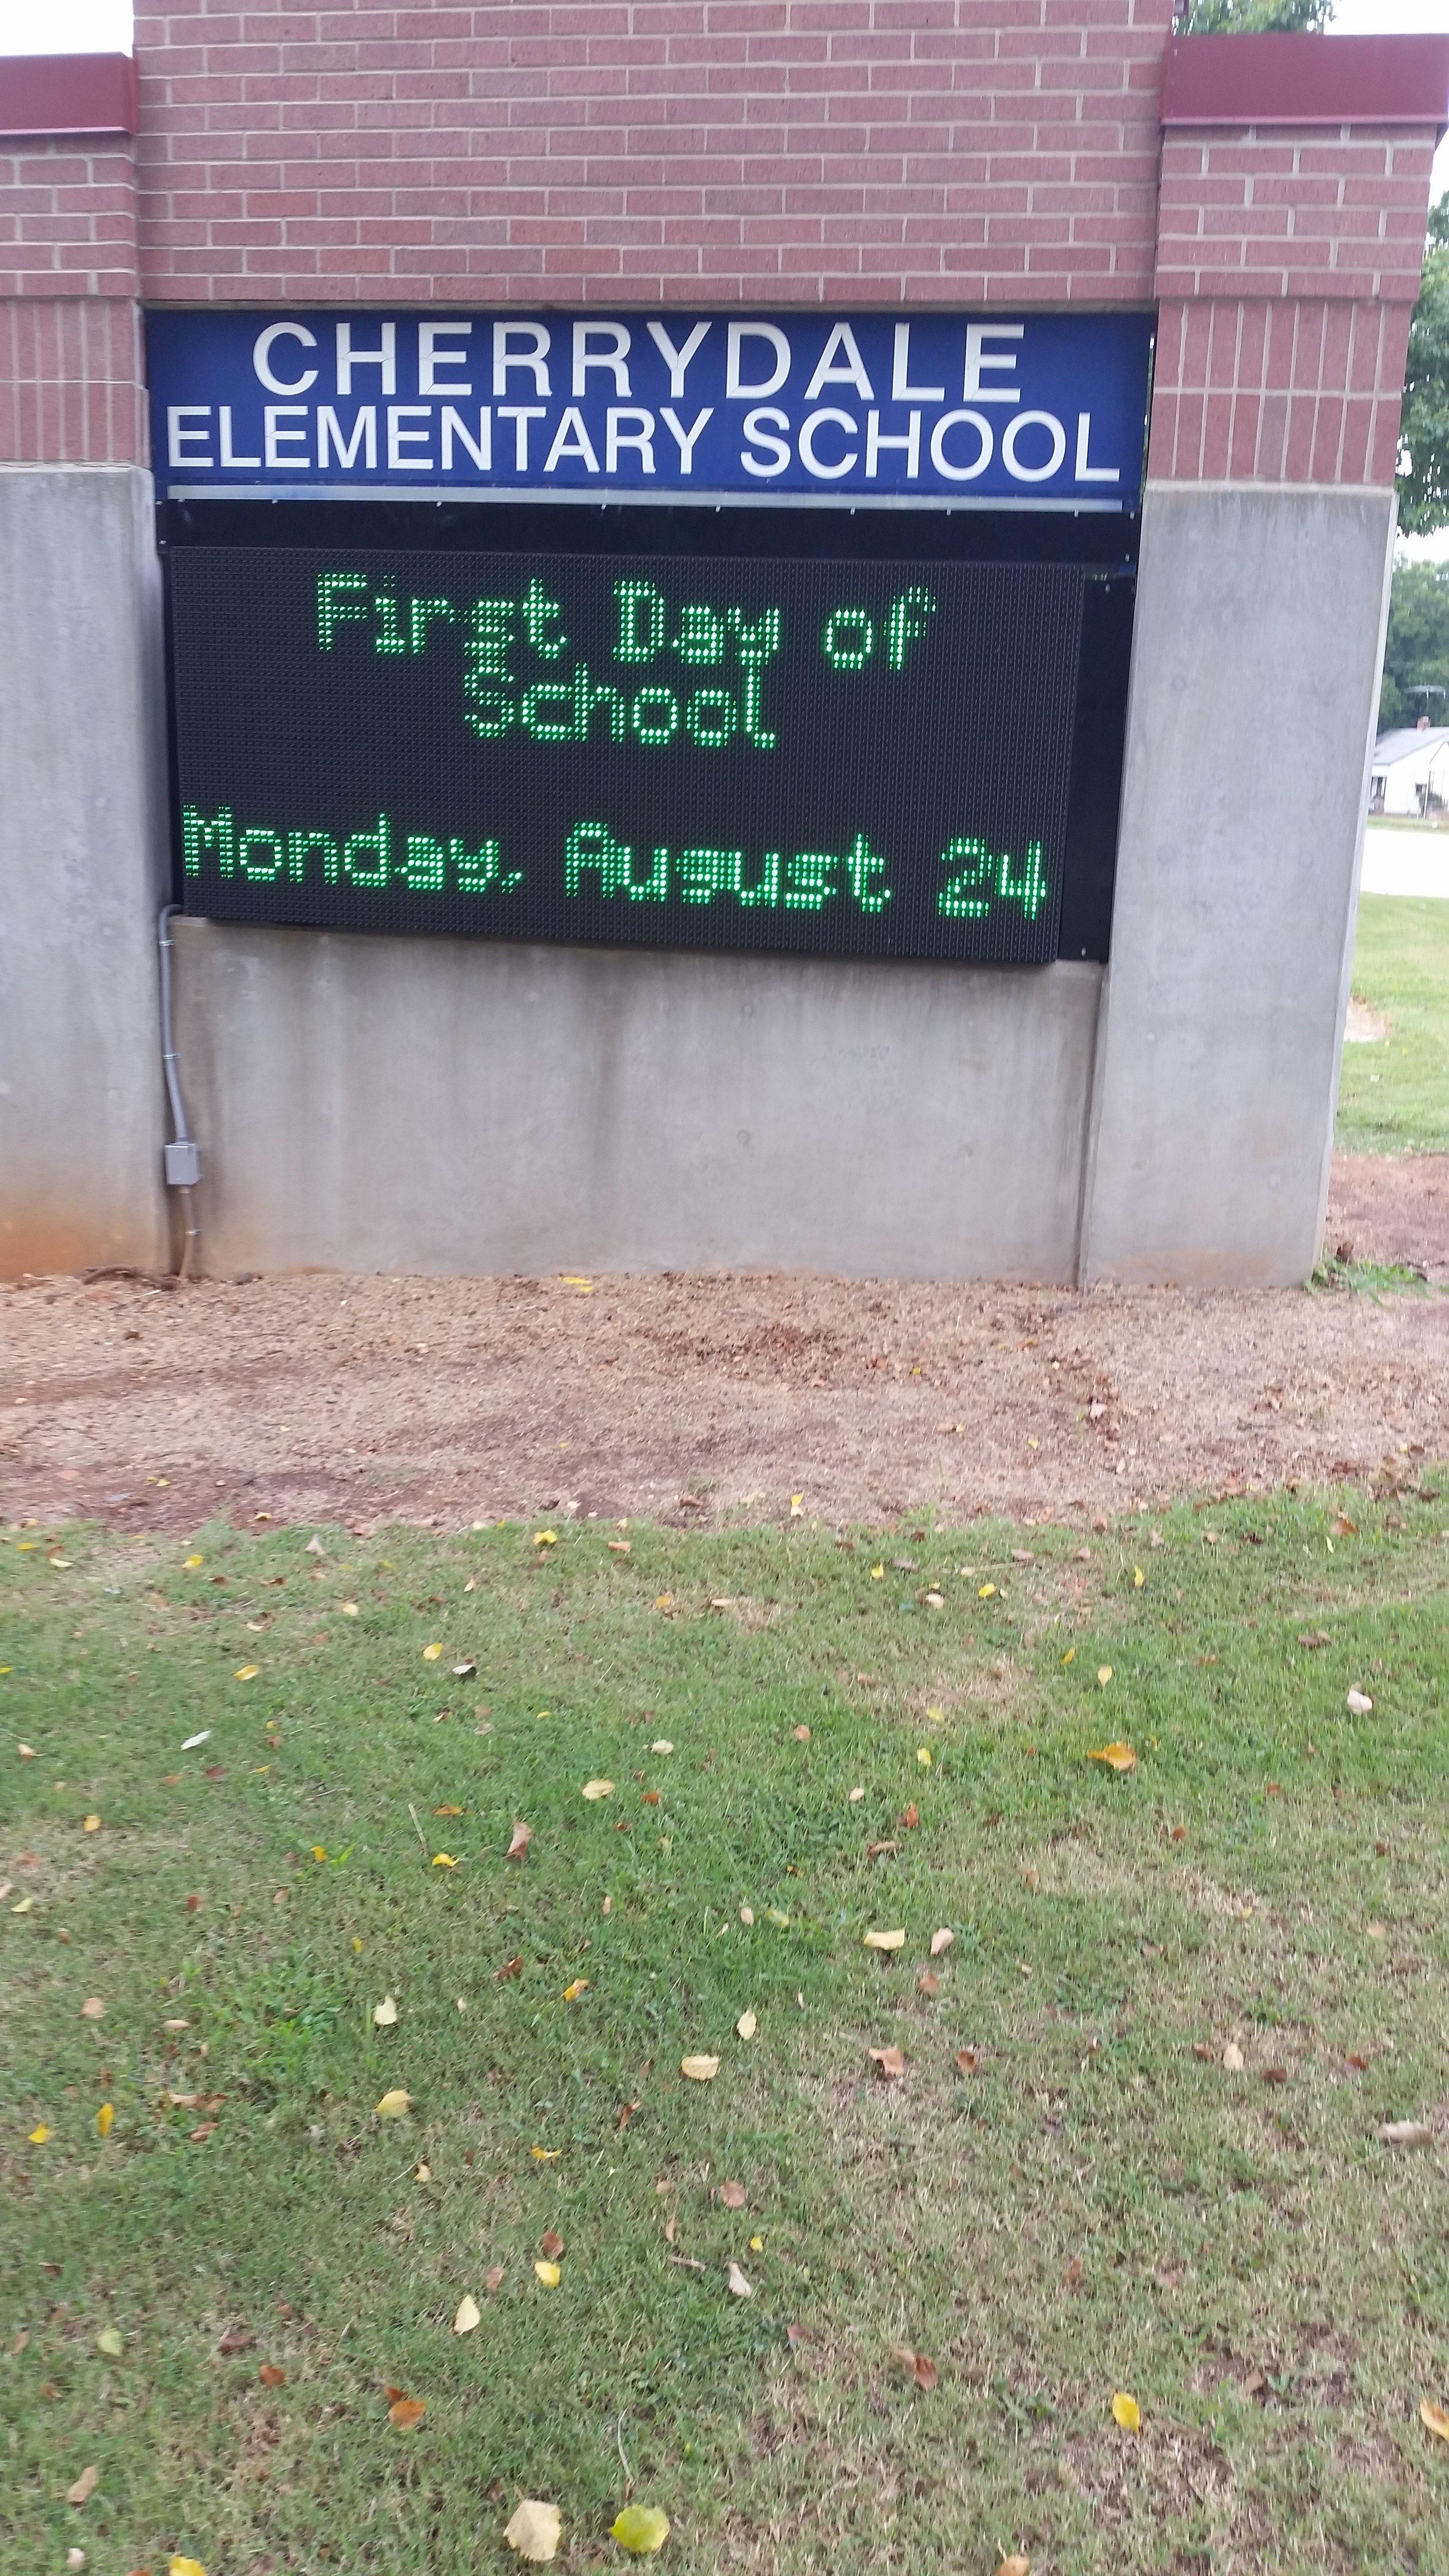 Cherrydale Elementary School Greenville, SC